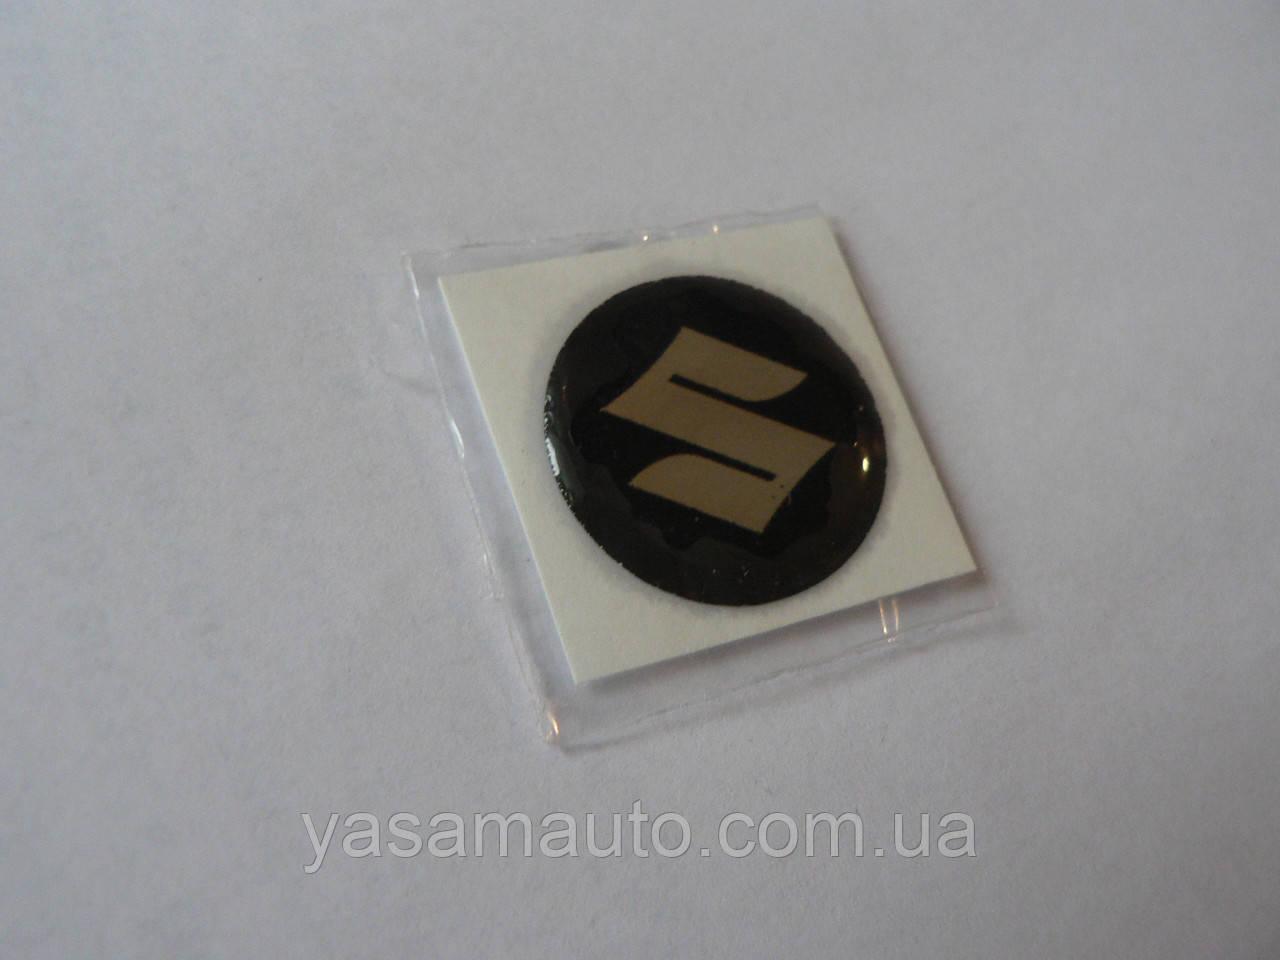 Наклейка s круглая Suzuki 20х20х1.2мм Уценка силиконовая эмблема в круге на авто Сузуки